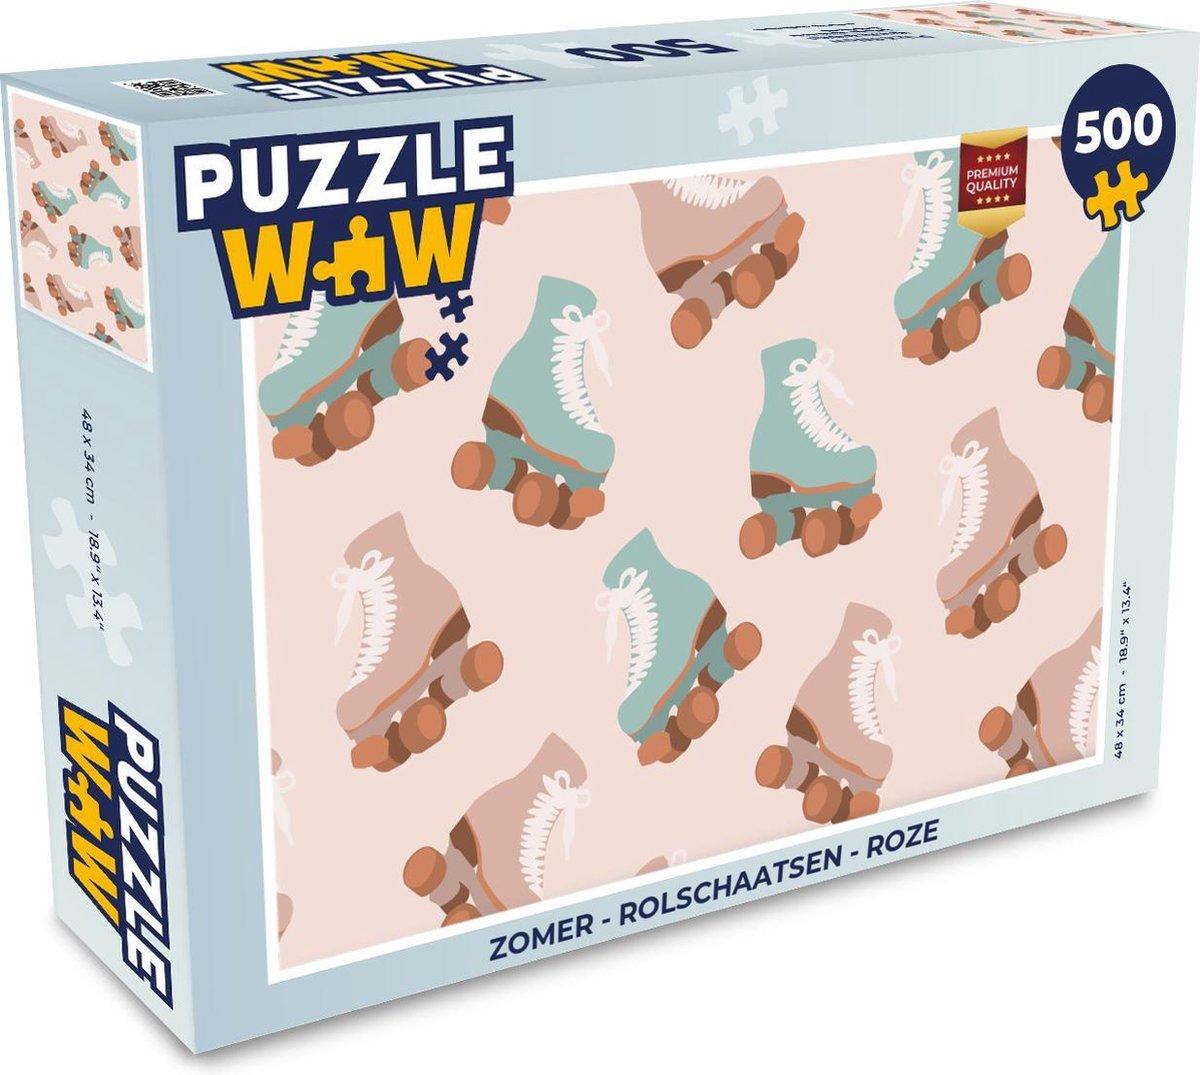 Puzzel Zomer - Rolschaatsen - Roze - Legpuzzel - Puzzel 500 stukjes